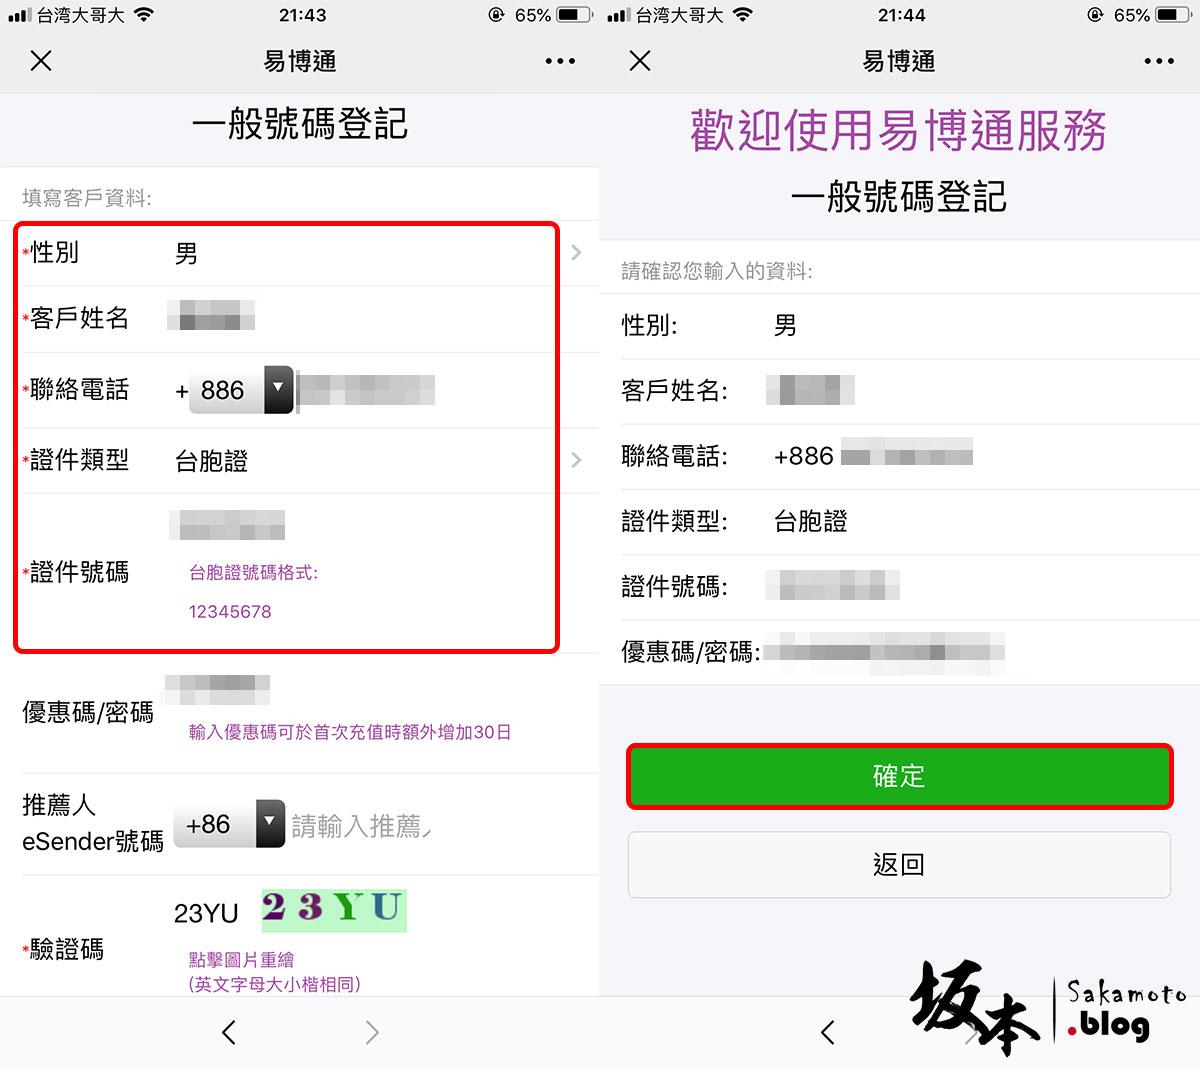 易博通 eSender 申請中國門號免SIM卡 7